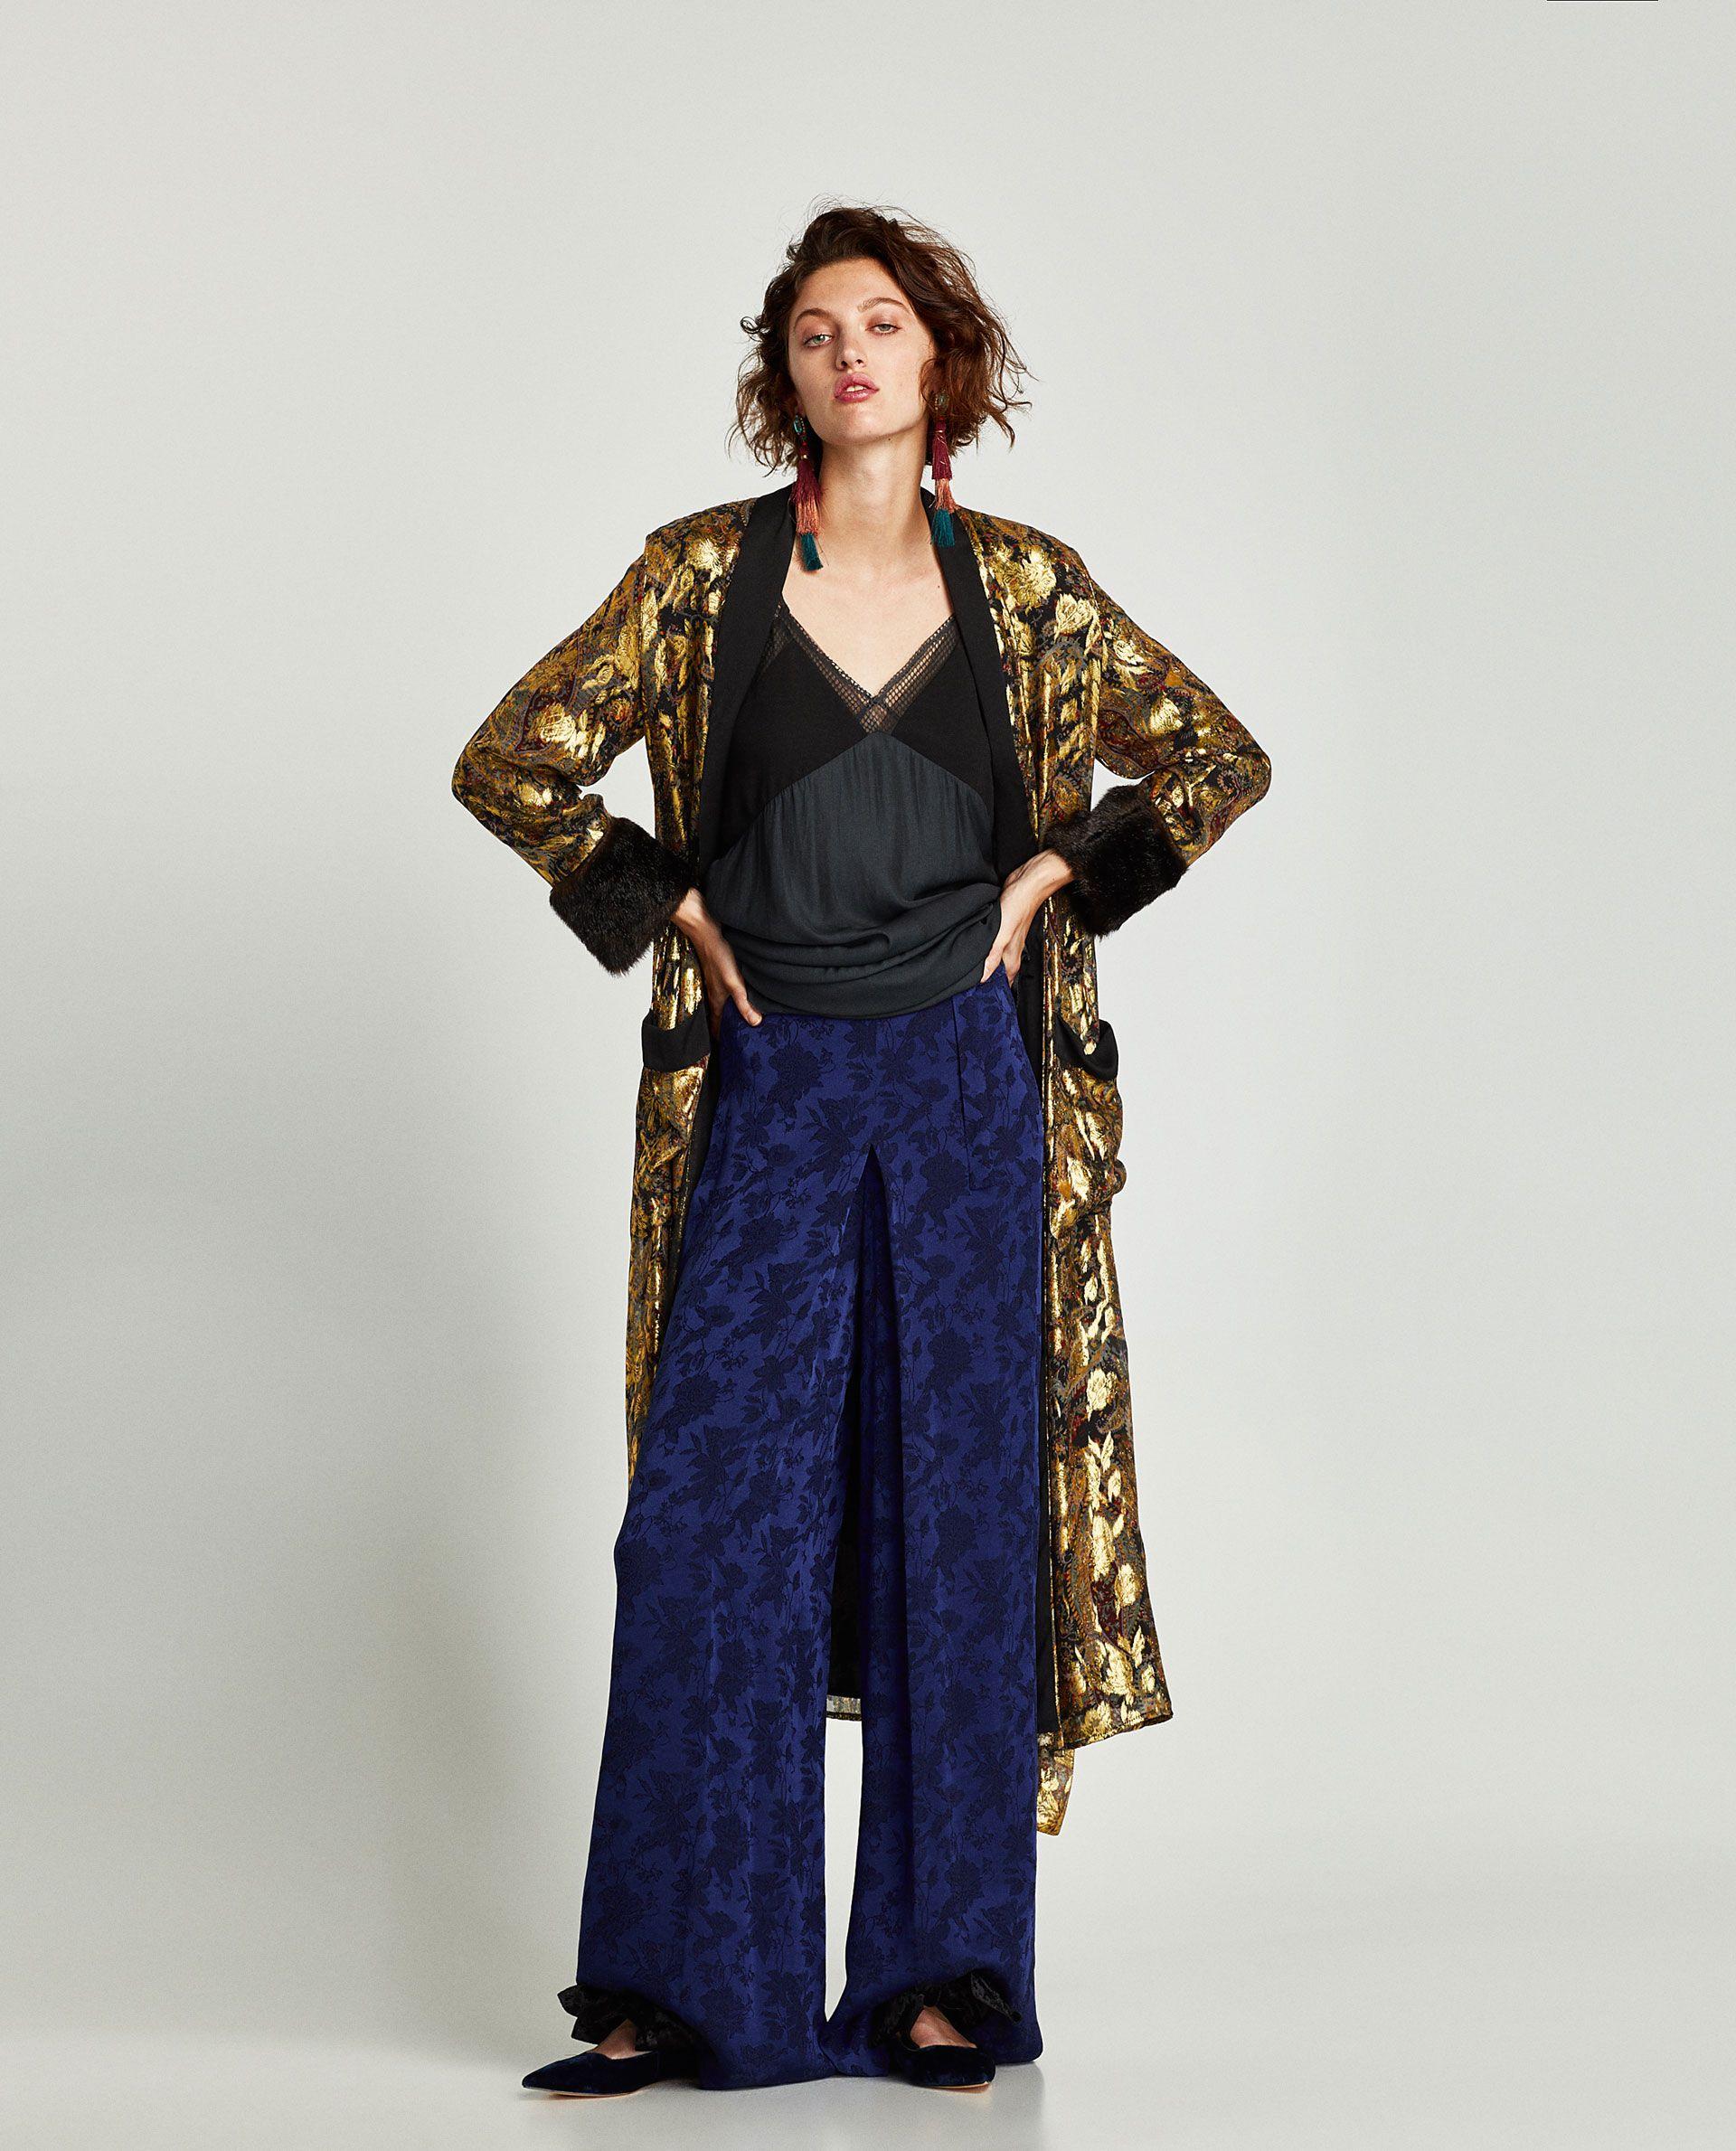 58e488abf3 KIMONO SEDA JACQUARD BRILLO in 2019 | I WANT | Fashion, Kimono ...